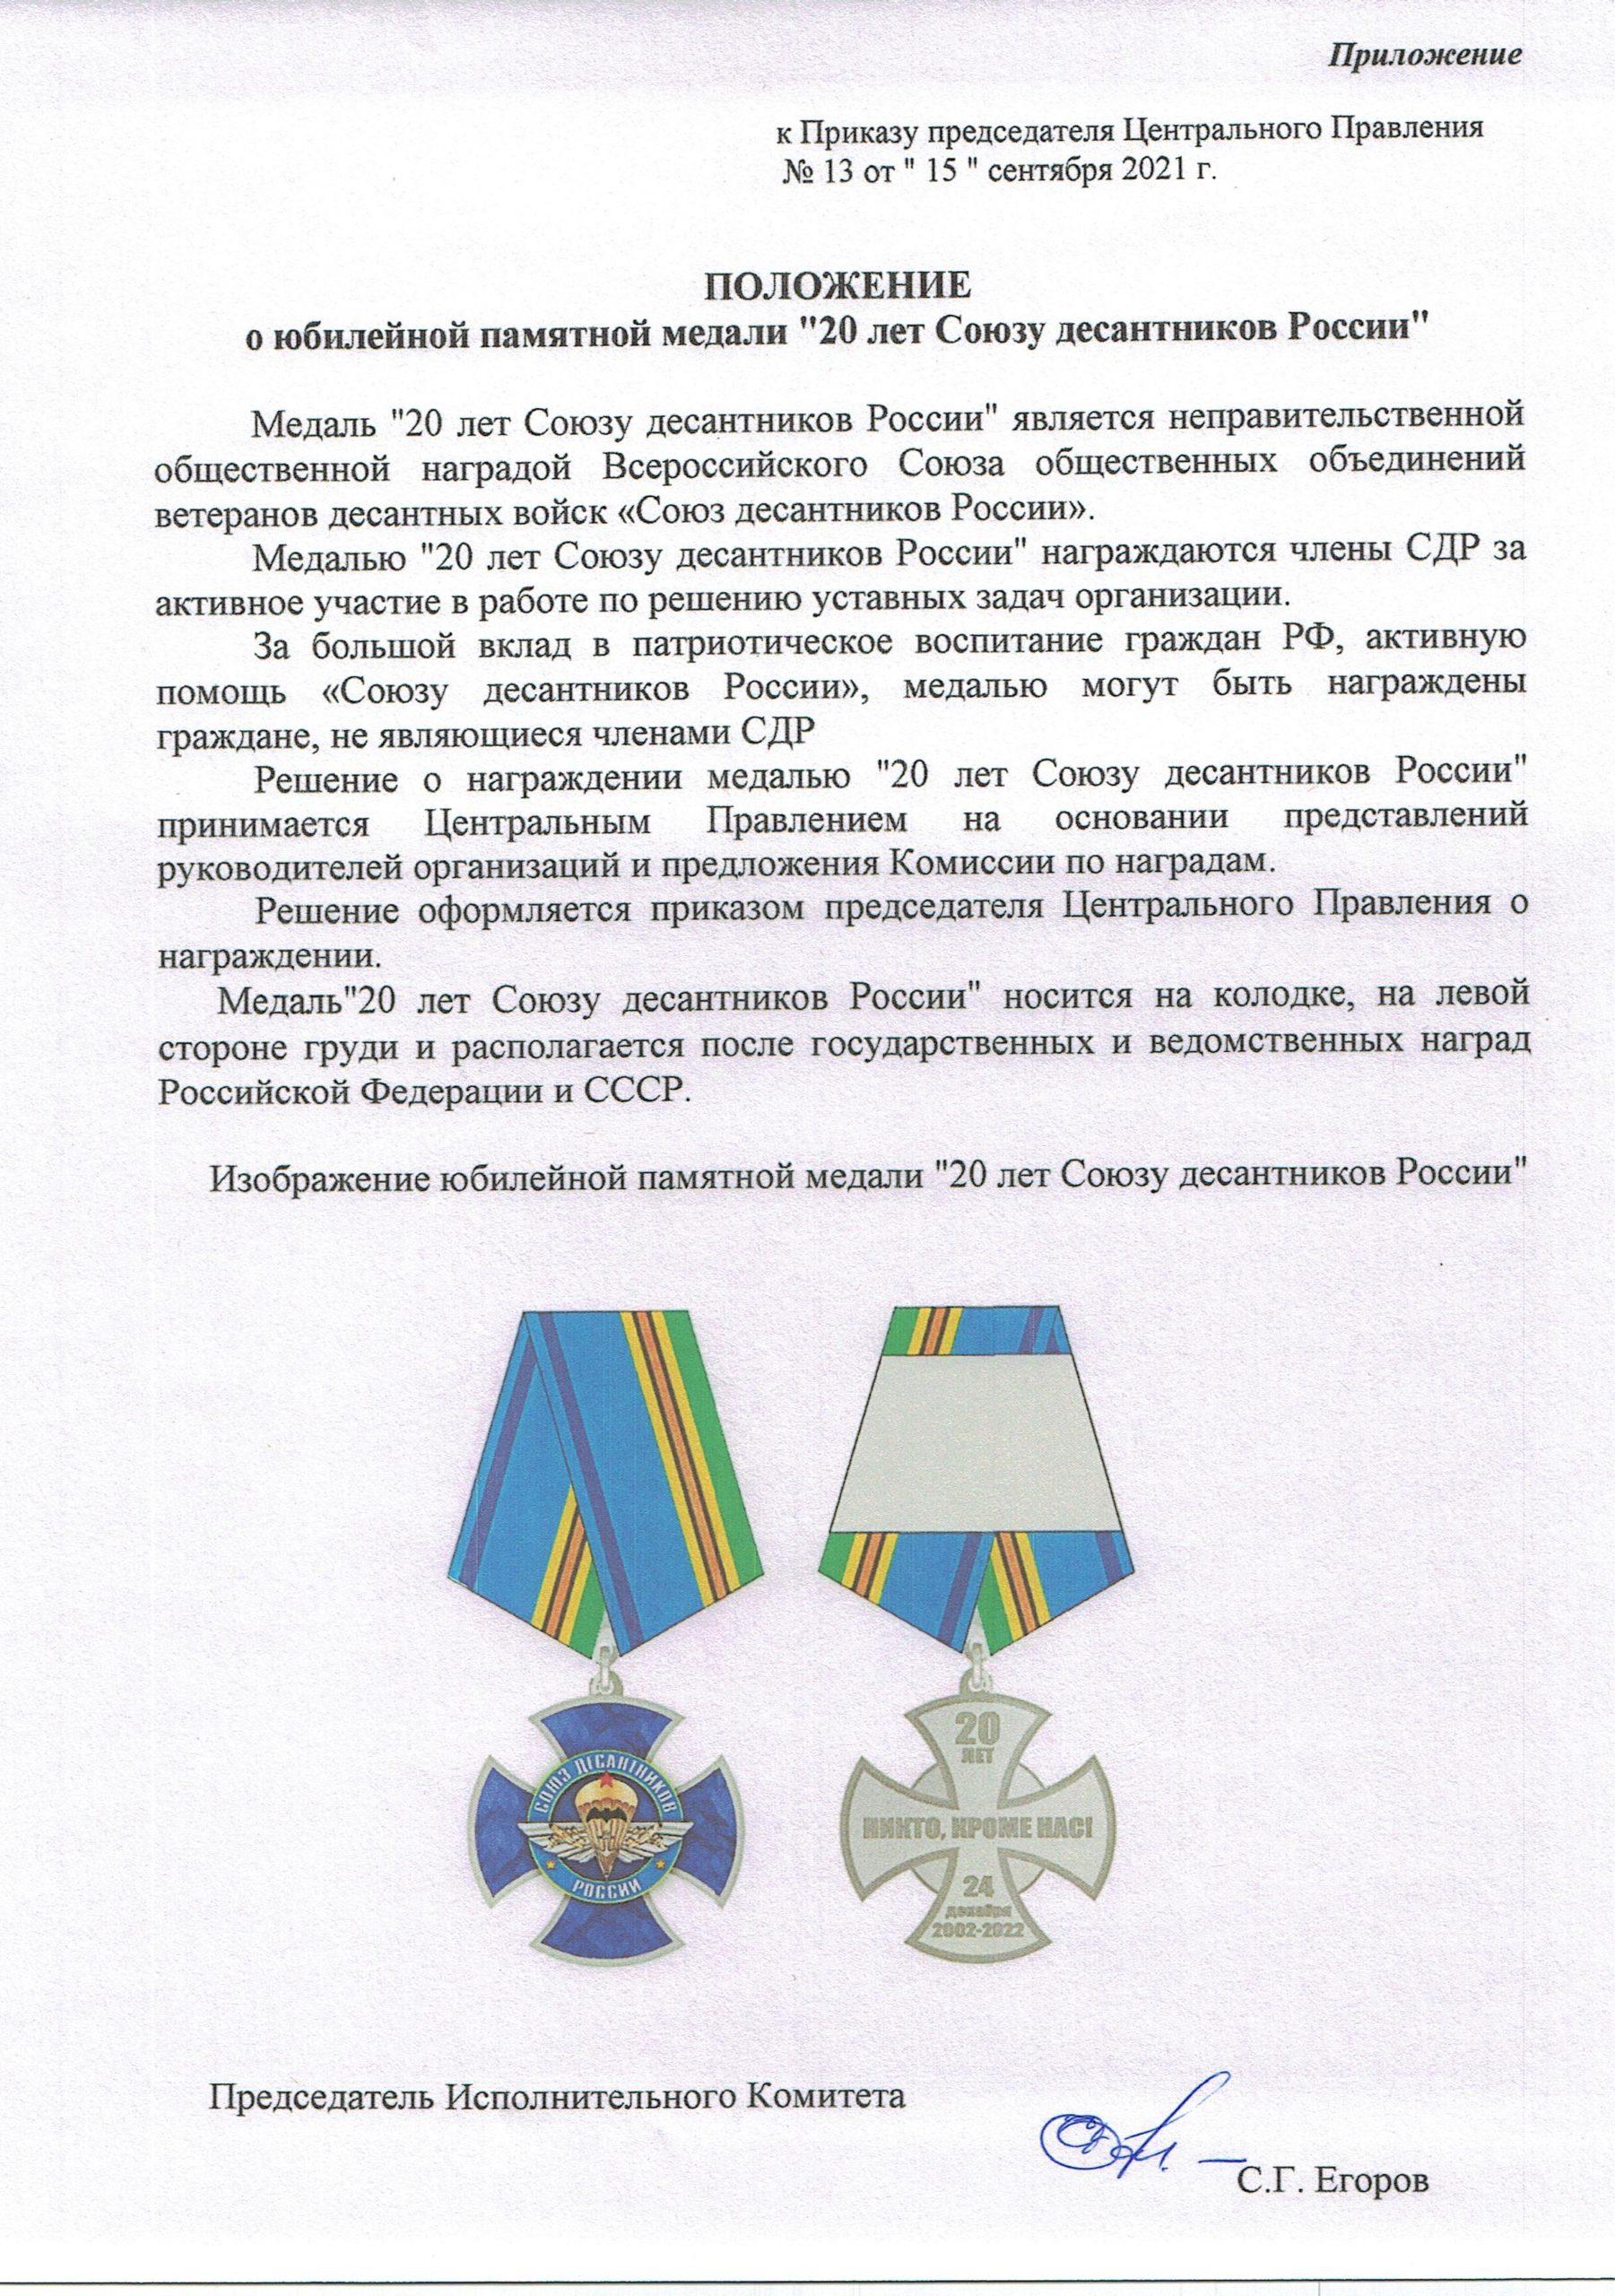 Приказ об учреждении юбилейной медали